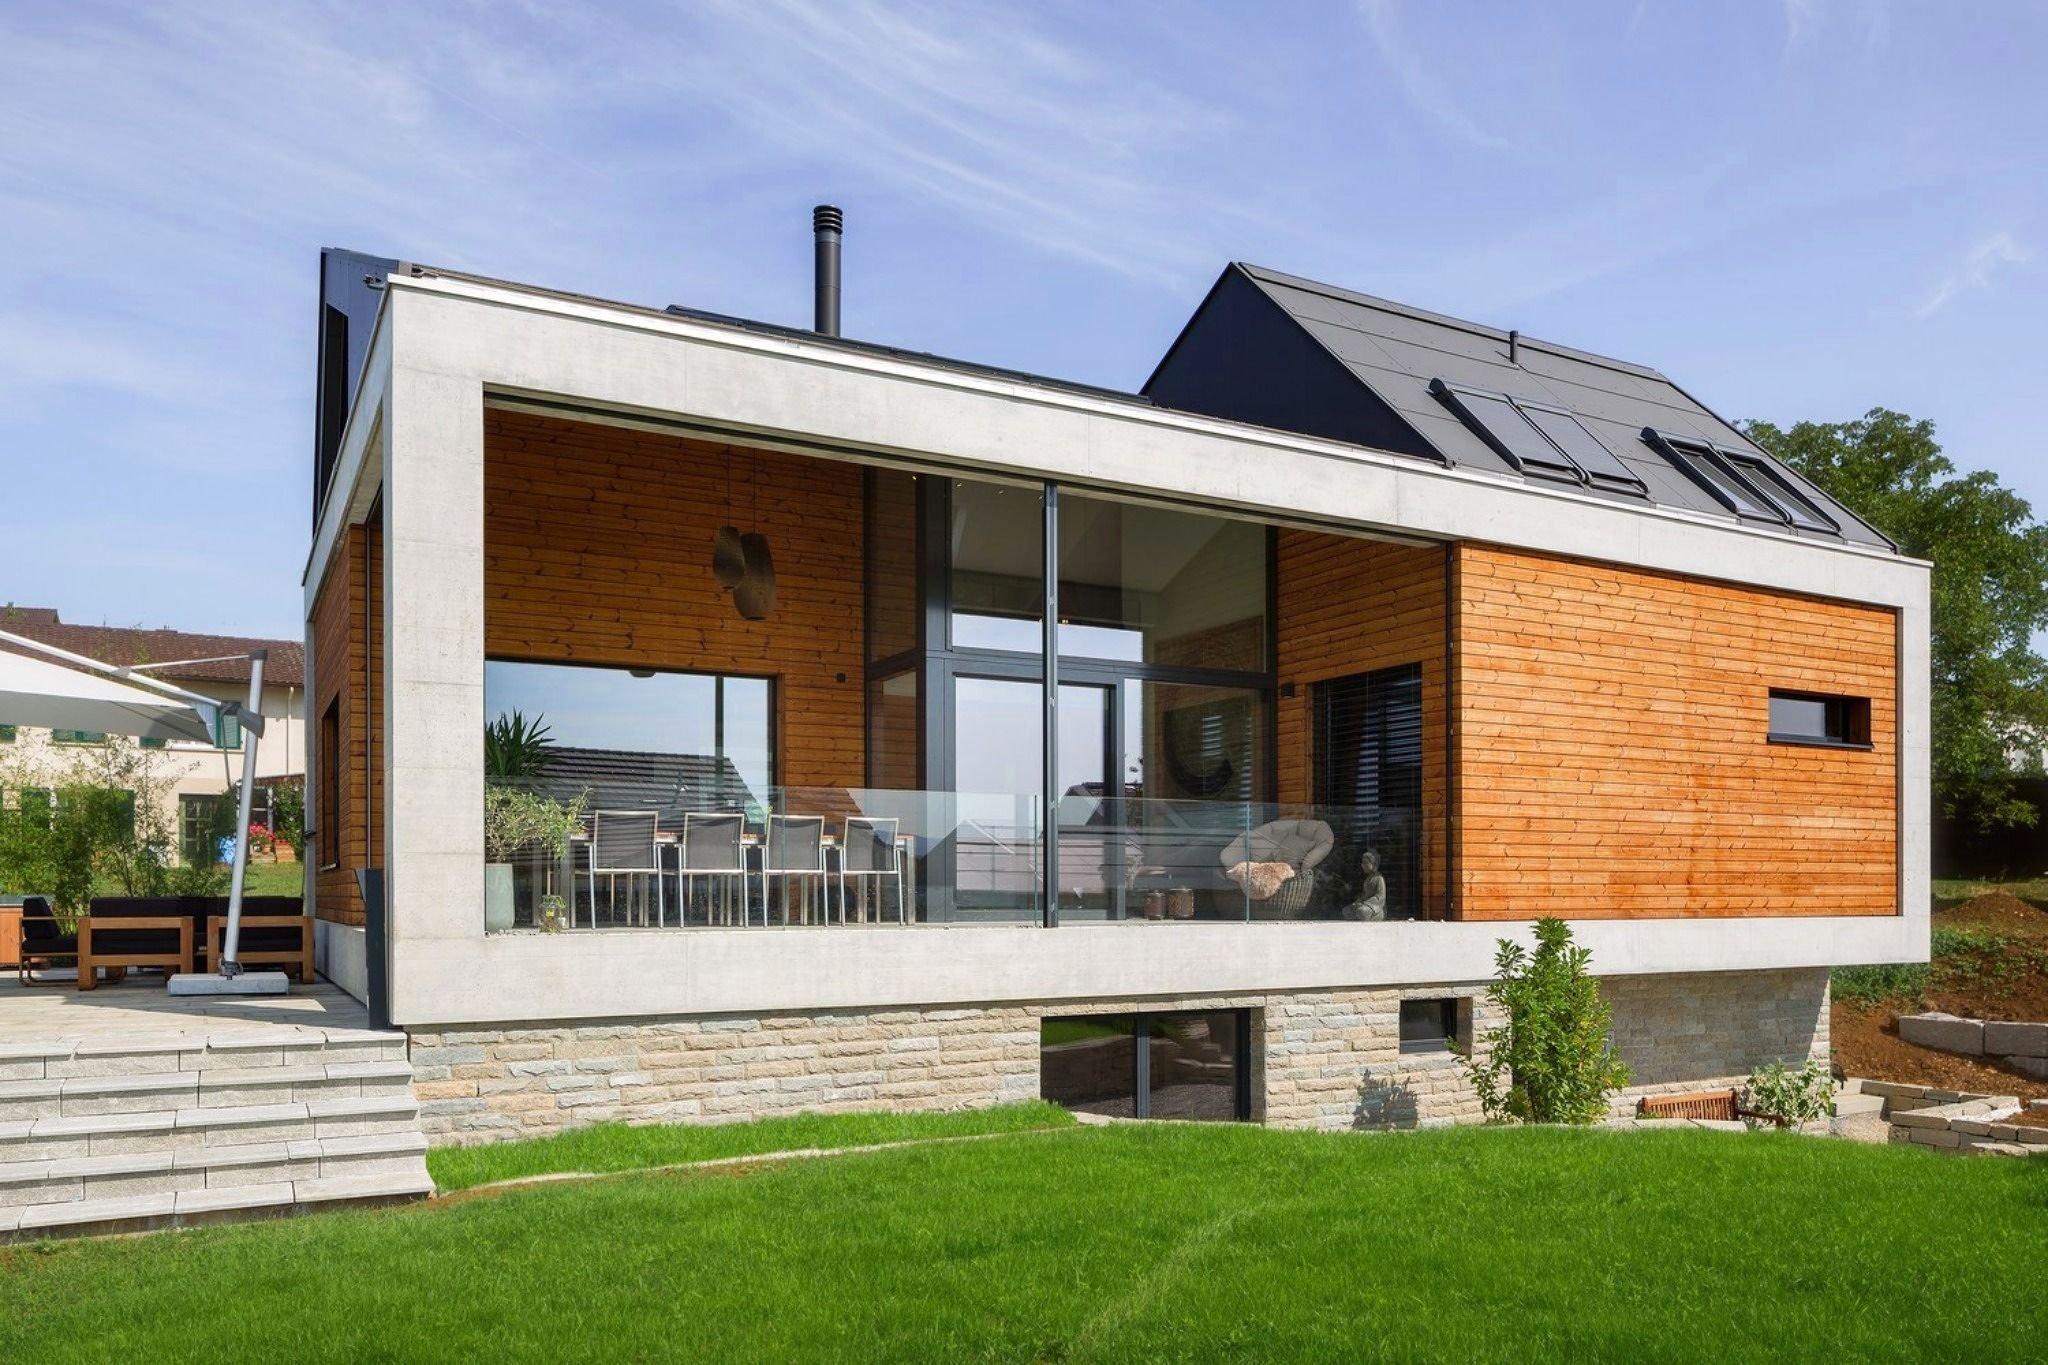 Rodinný dům poskytuje příjemné bydlení pro rodinu, dotažené téměř do dokonalosti. Prostřednictvím jednoduchých tvarů a forem, a zejména jejich seskupením do unikátního architektonického uspořádání, nabízí to nejlepší z moderního designu. Málokomu se podaří dřevo, beton, kámen a ocel zkombinovat do takového harmonického celku.